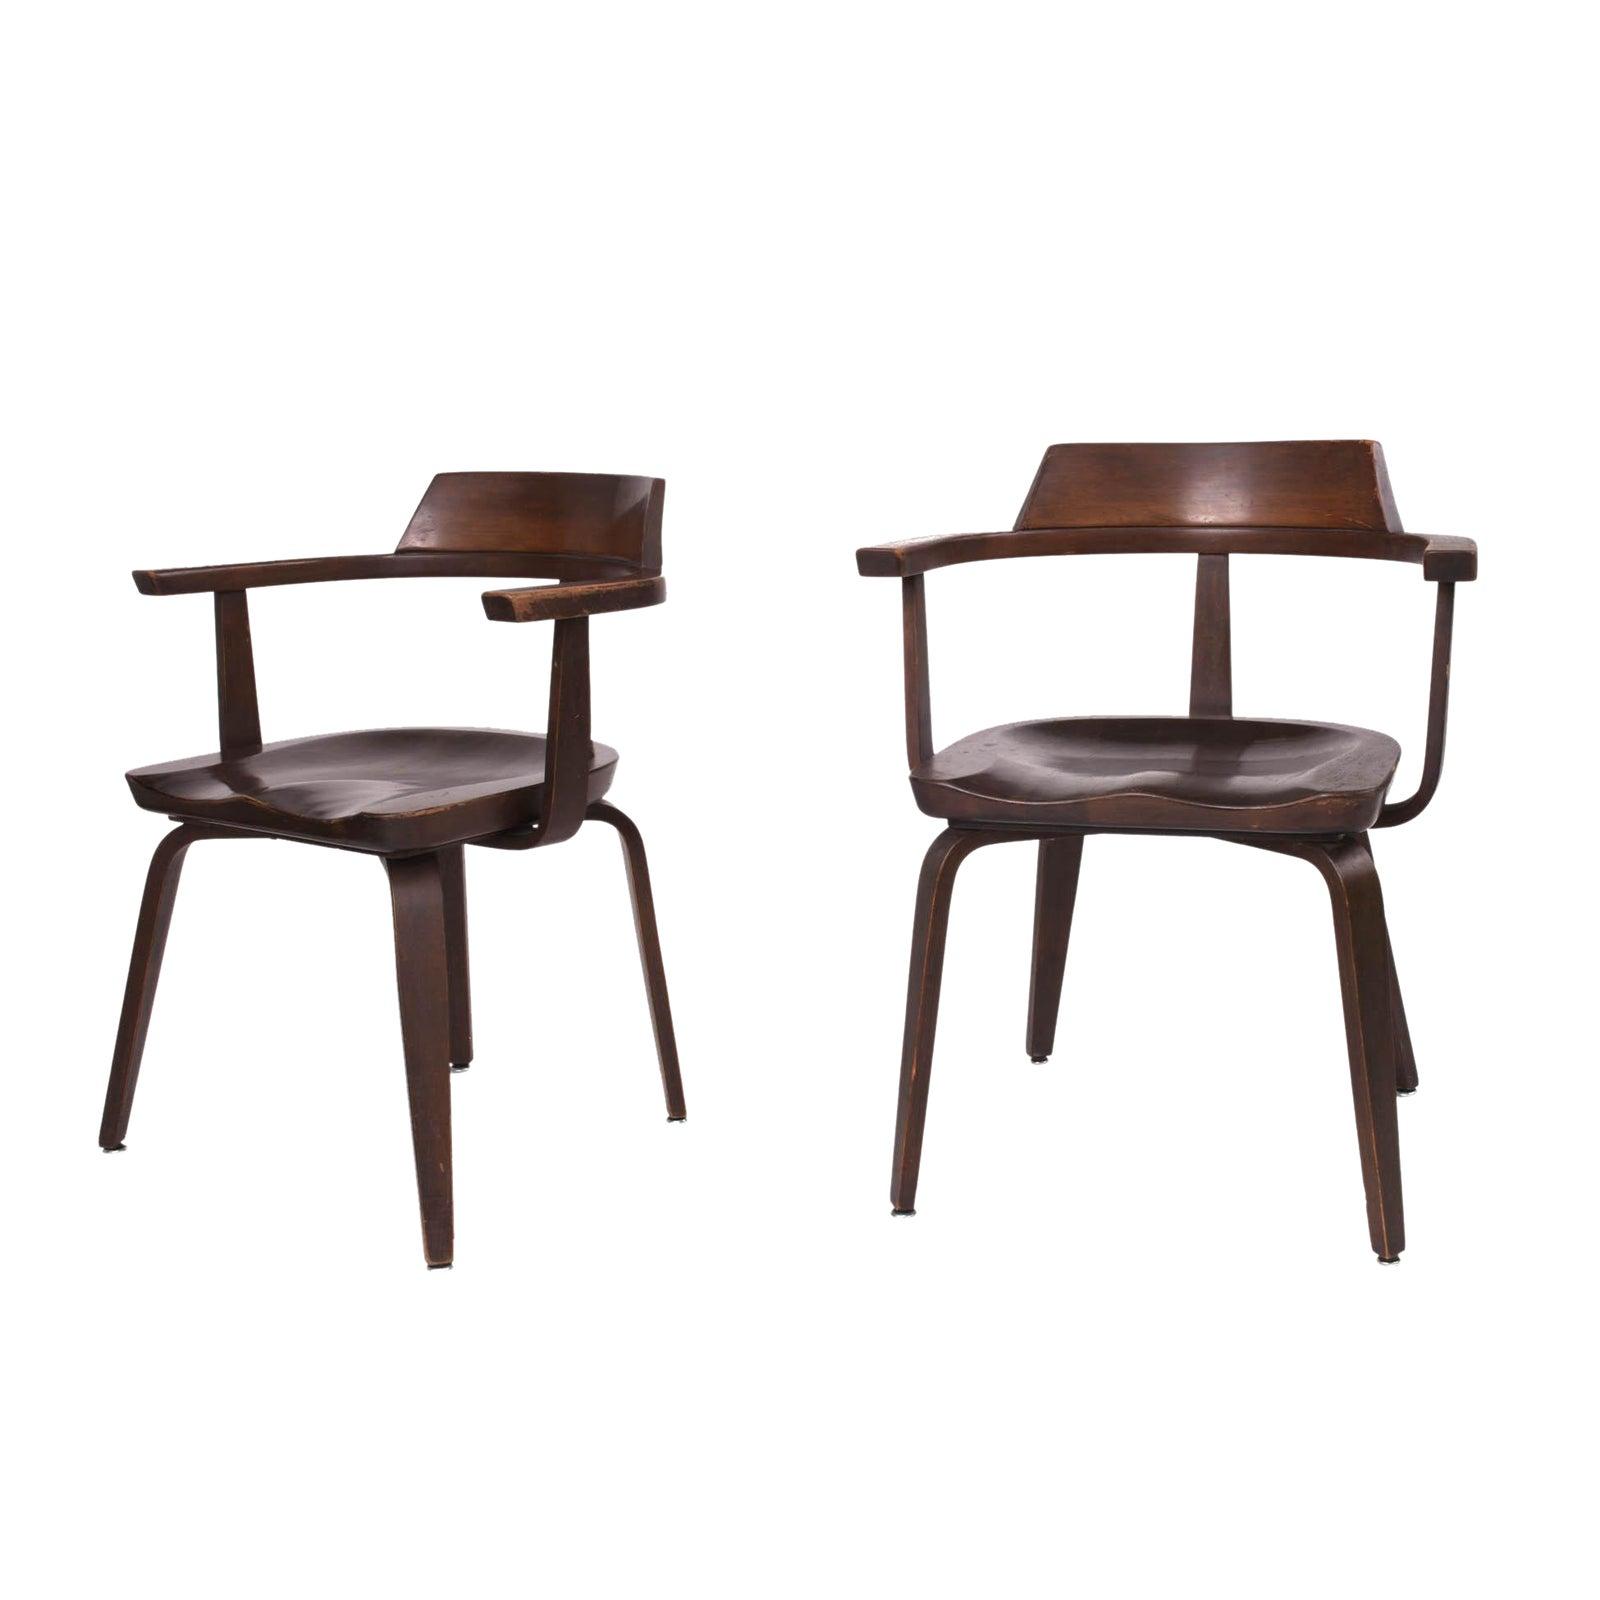 1951 Vintage Walter Gropius For Thonet German Bauhaus W199 Chairs